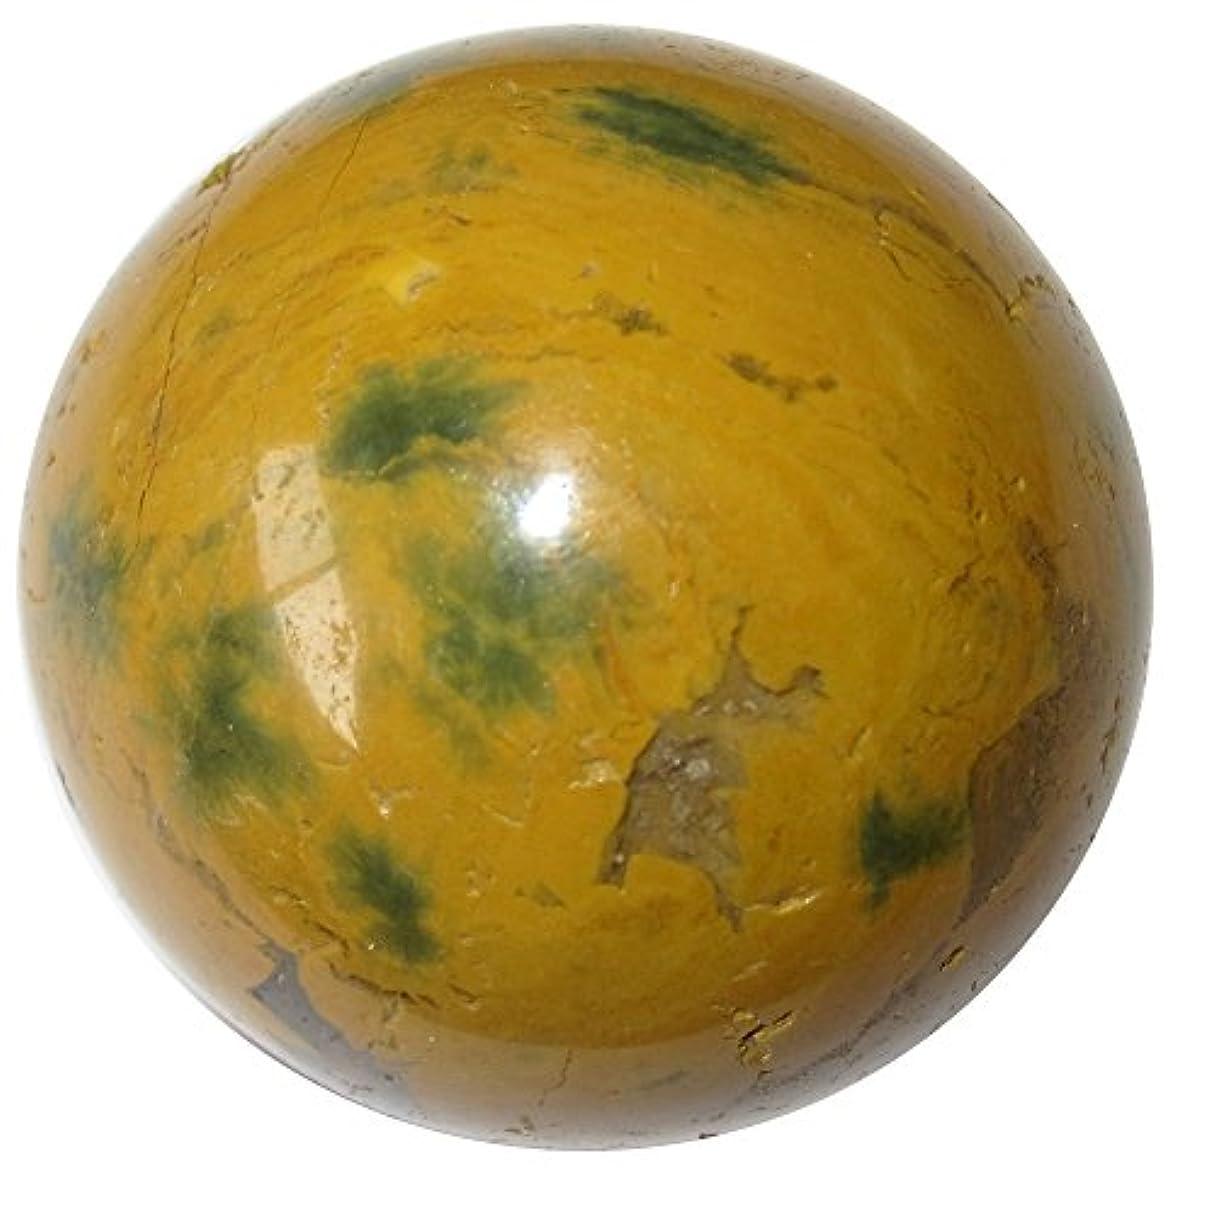 馬力高度な退却サテンクリスタルジャスパー海洋ボールプレミアムマダガスカル球水要素エネルギーフローストーンp01 1.6 Inches イエロー jasperoceanball01-mustardgreen-1.6